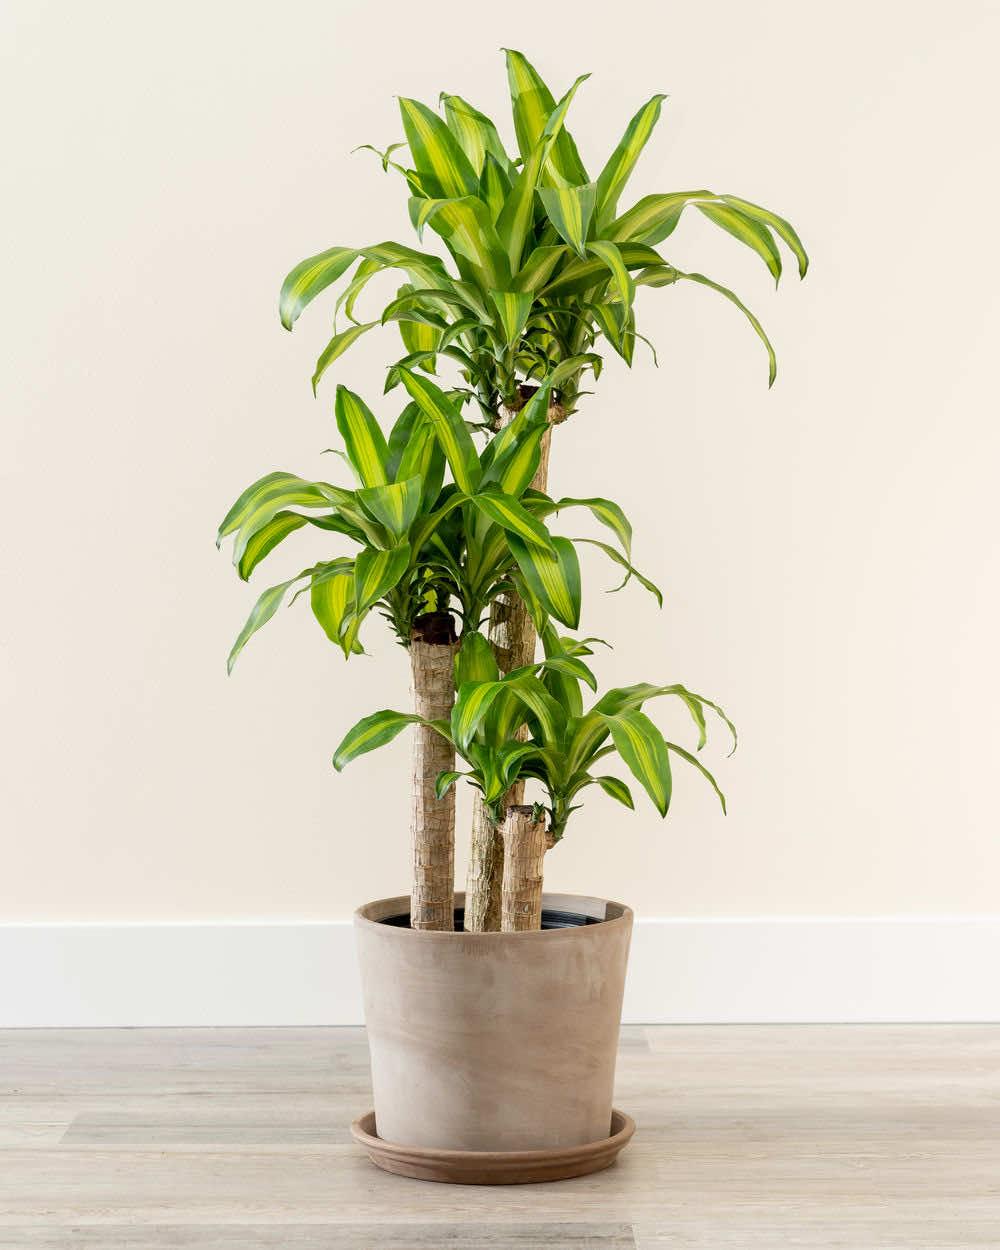 Trồng cây thiết mộc lan trồng chậu nhỏ trong phòng